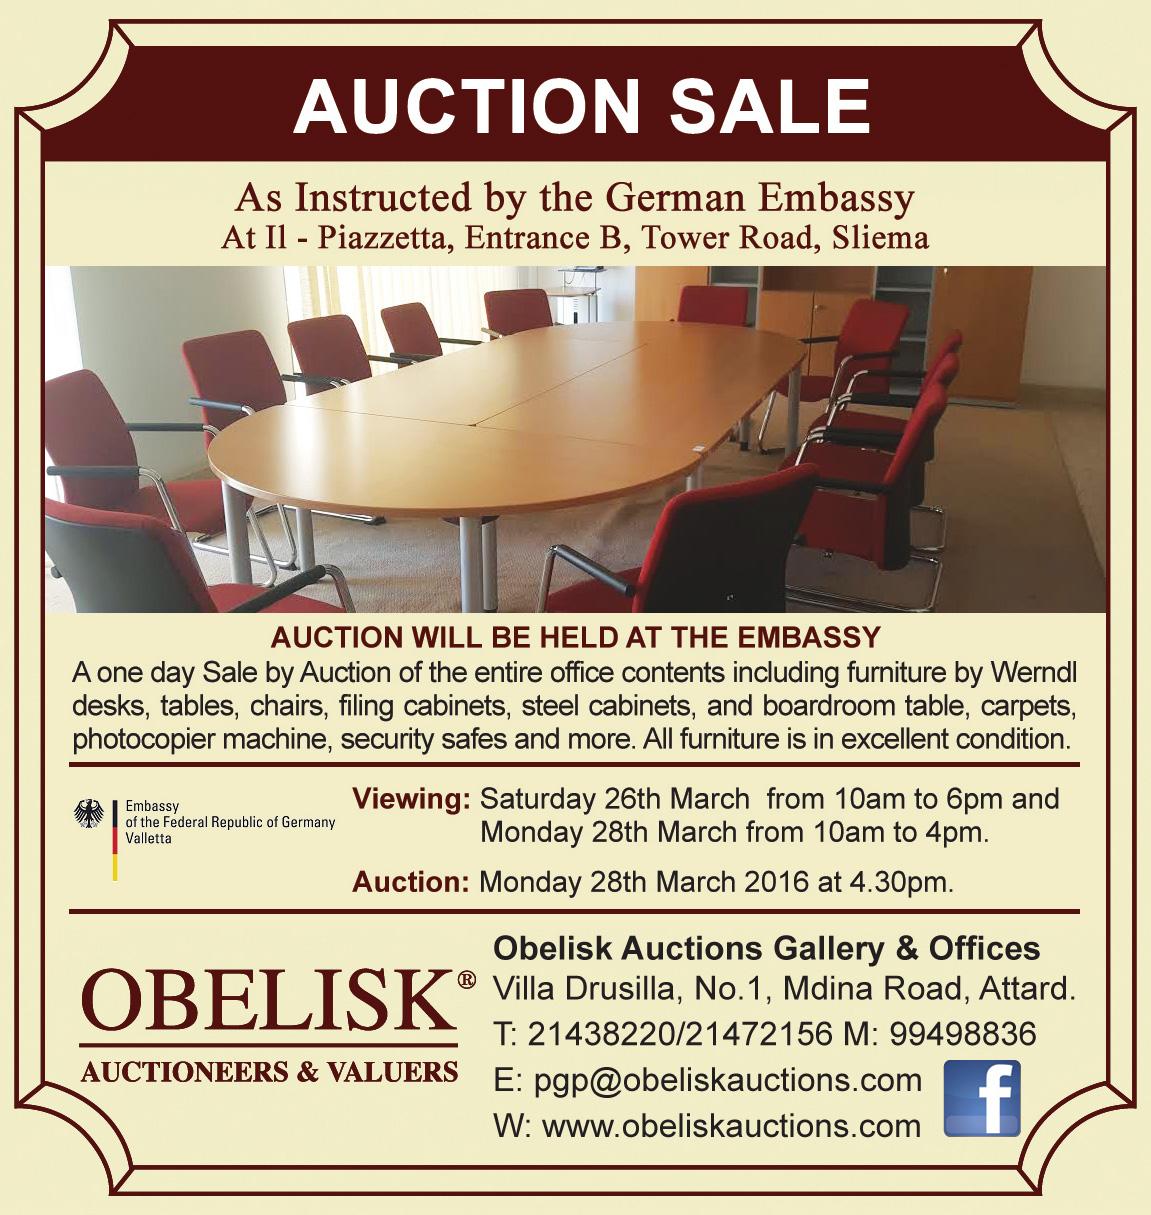 obelisk furniture. Obelisk-Sample-Artwork-10x2-Ad-Web-(German-Embassy Obelisk Furniture